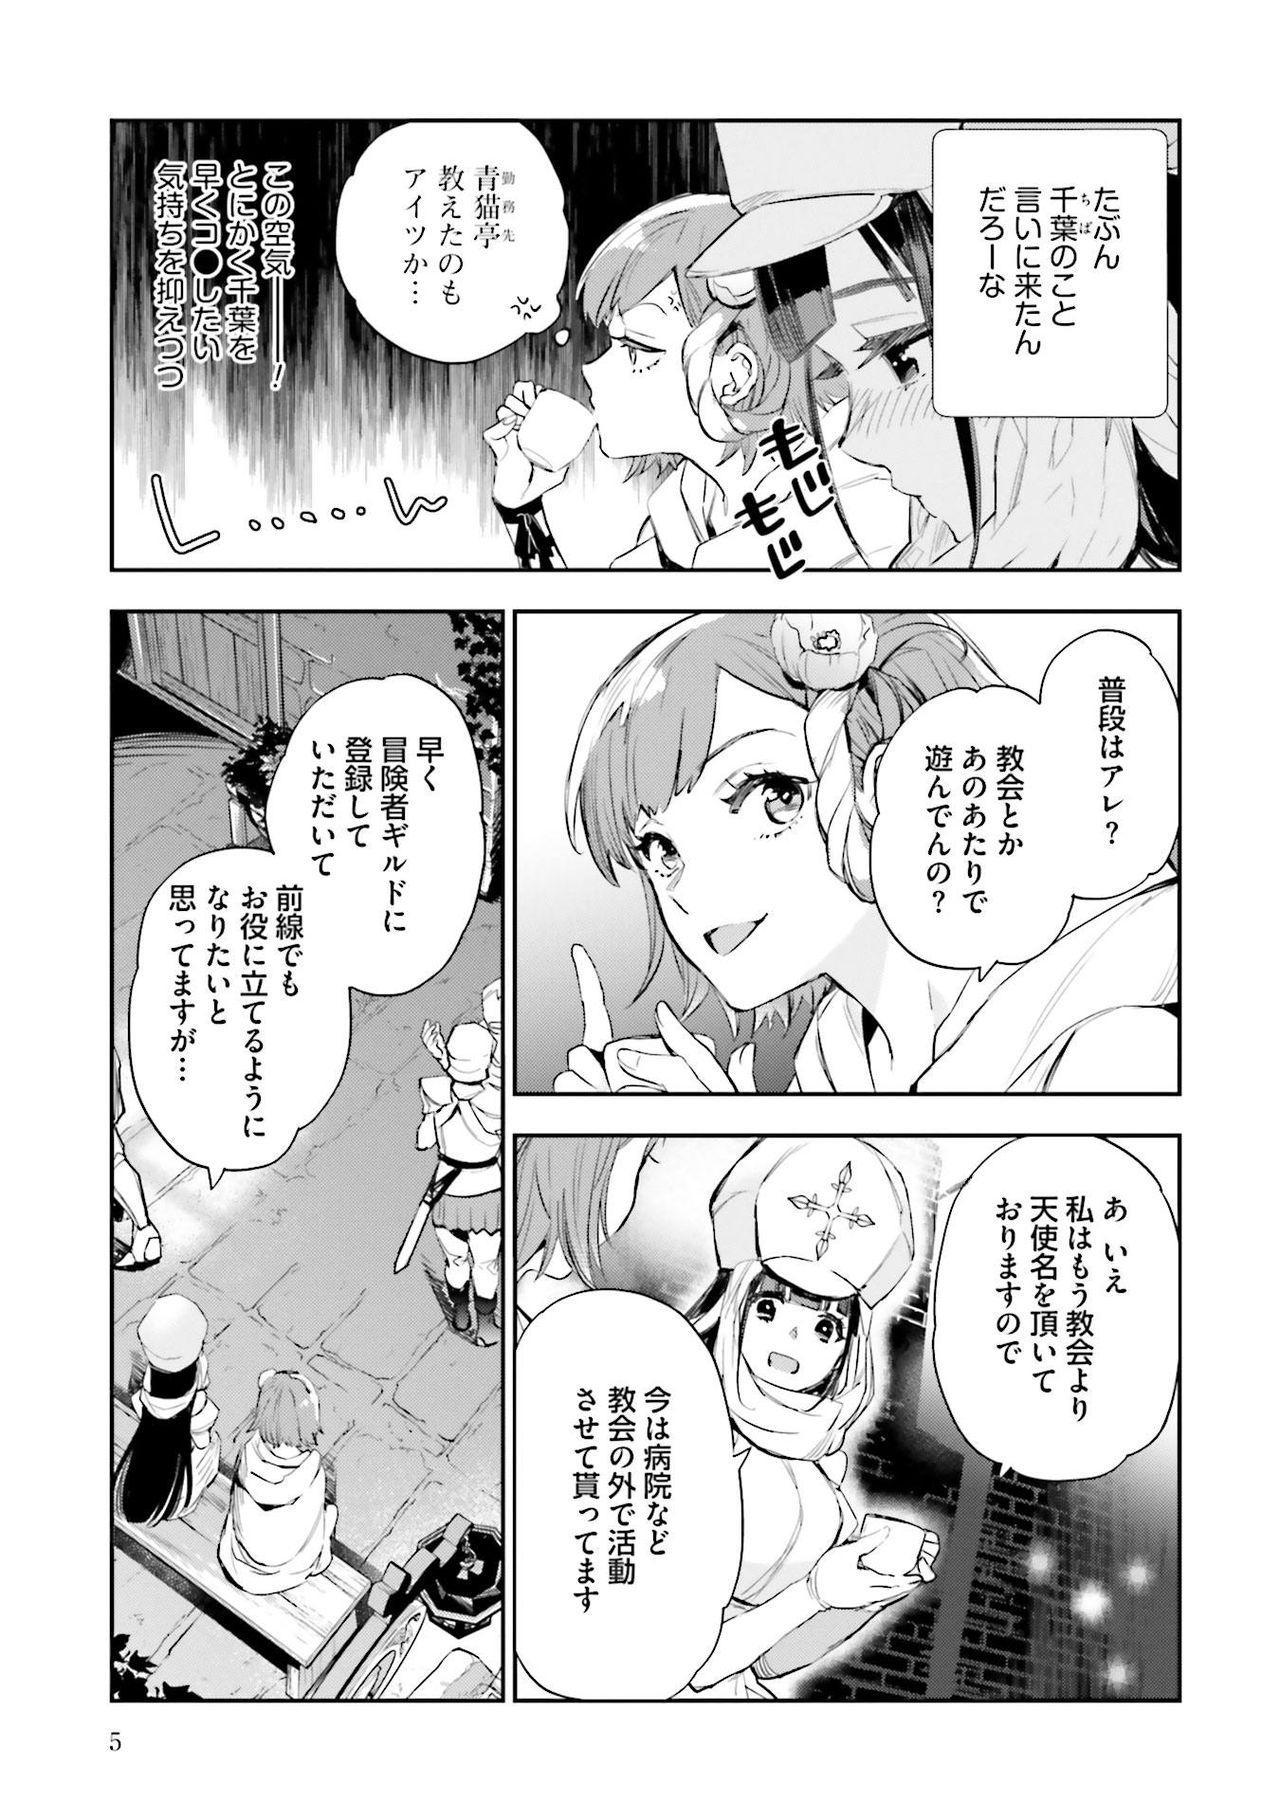 JK Haru wa Isekai de Shoufu ni Natta 1-14 193